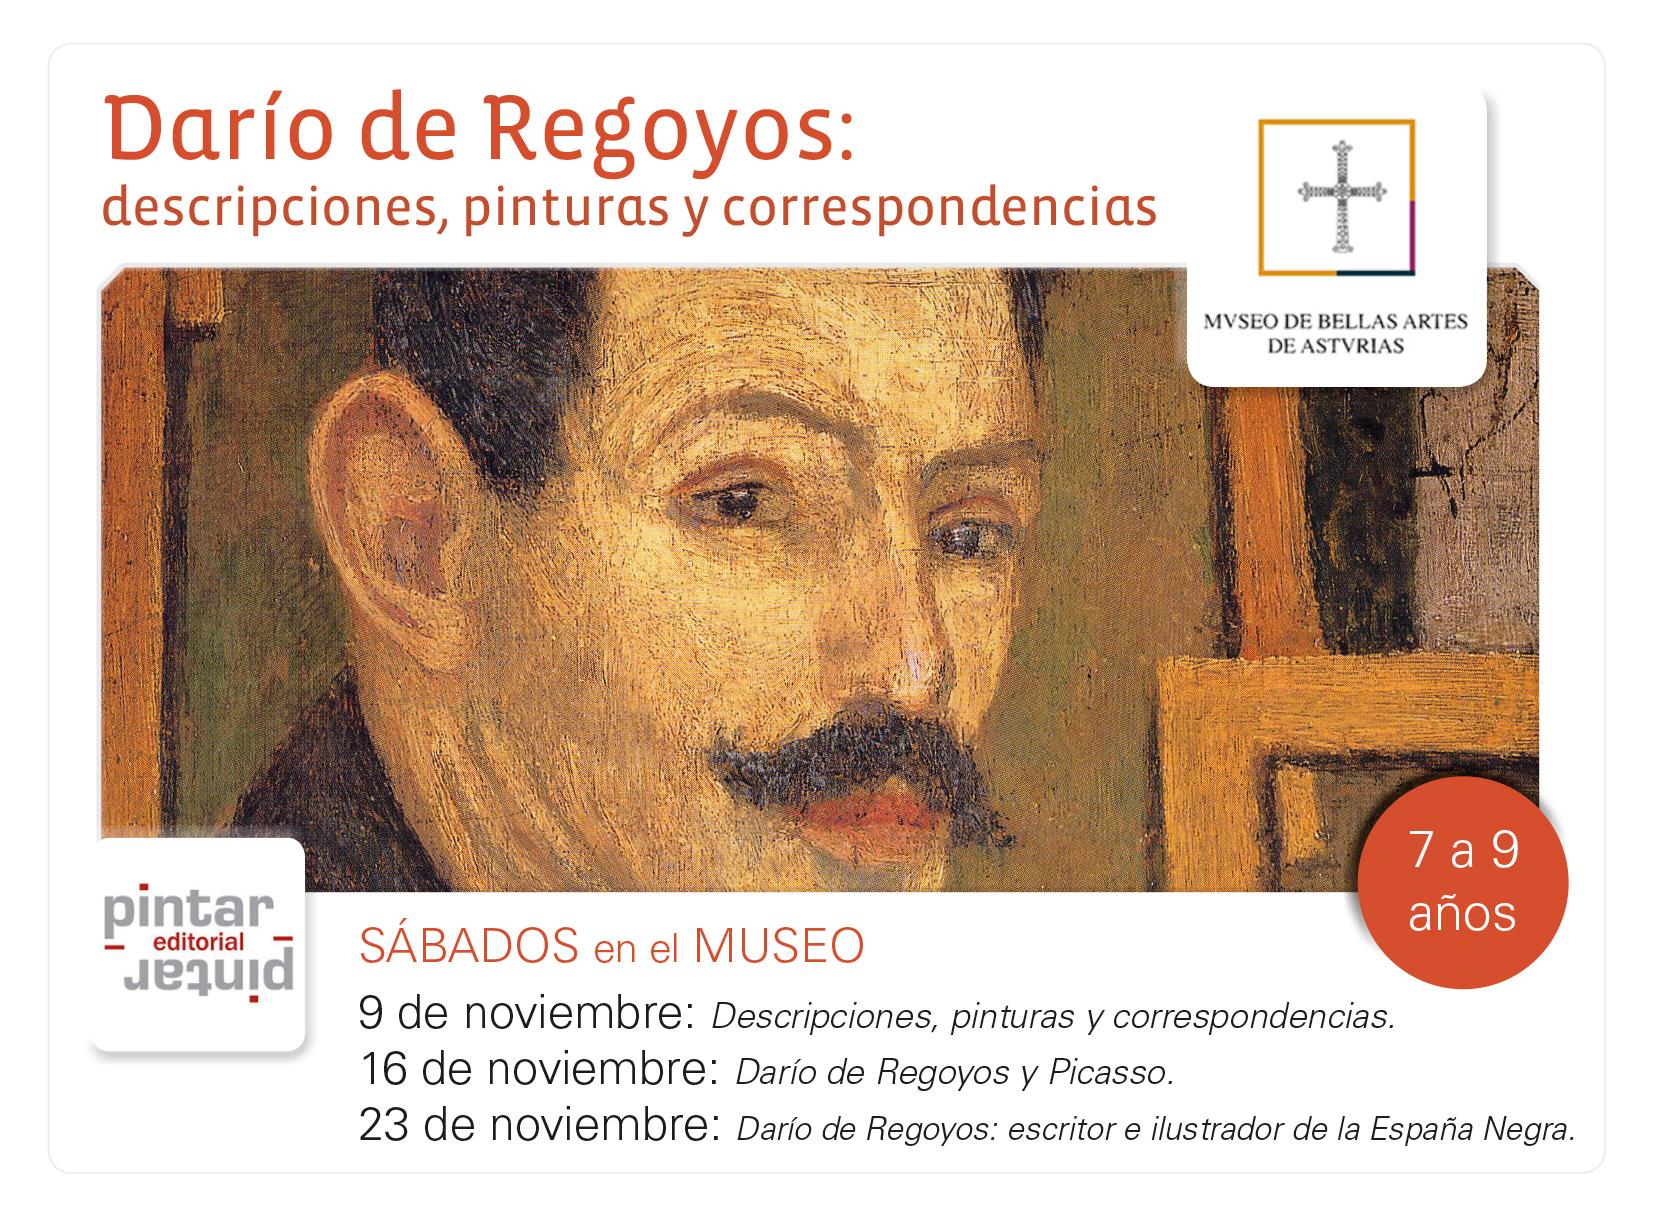 dario de regoyos: